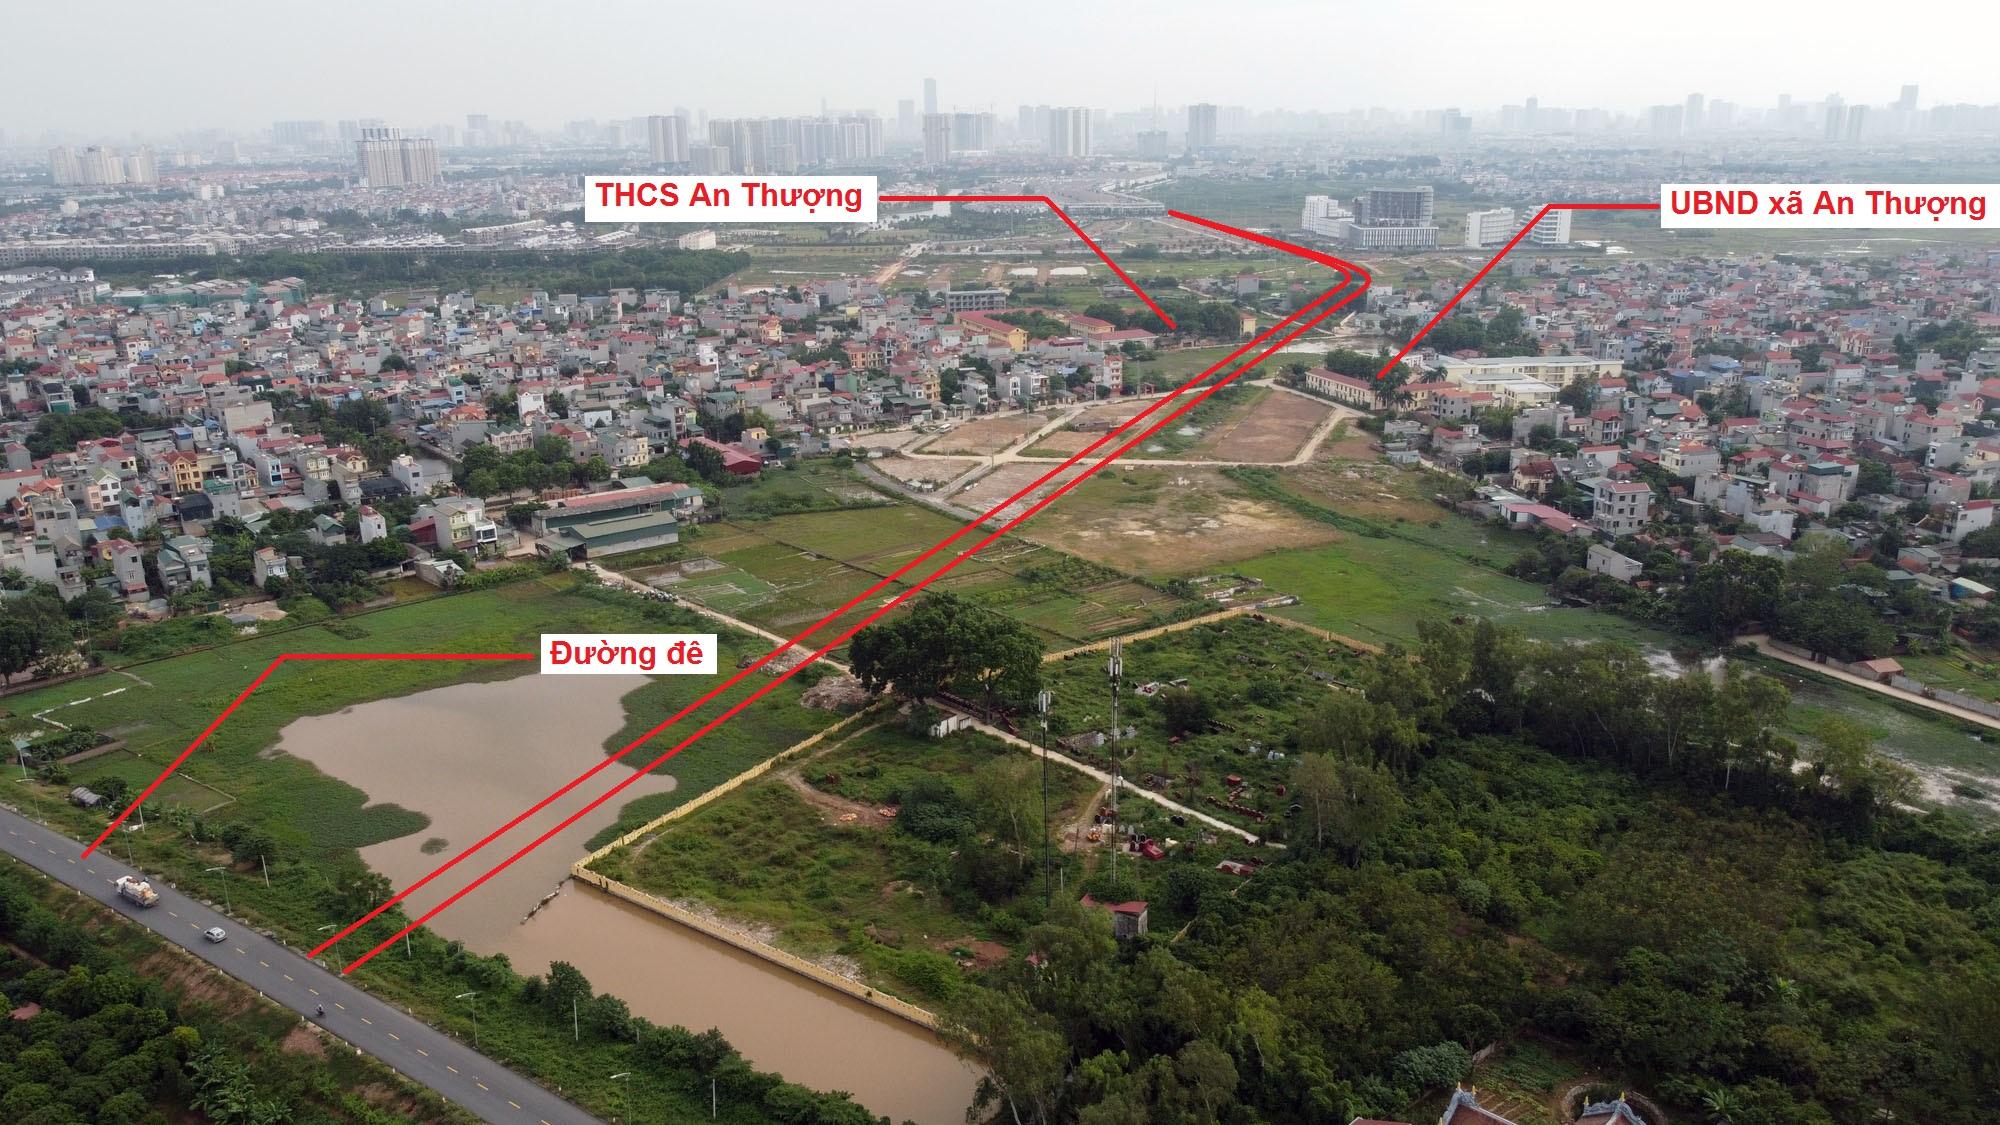 Ba đường sẽ mở theo quy hoạch ở xã An Thượng, Hoài Đức, Hà Nội - Ảnh 12.